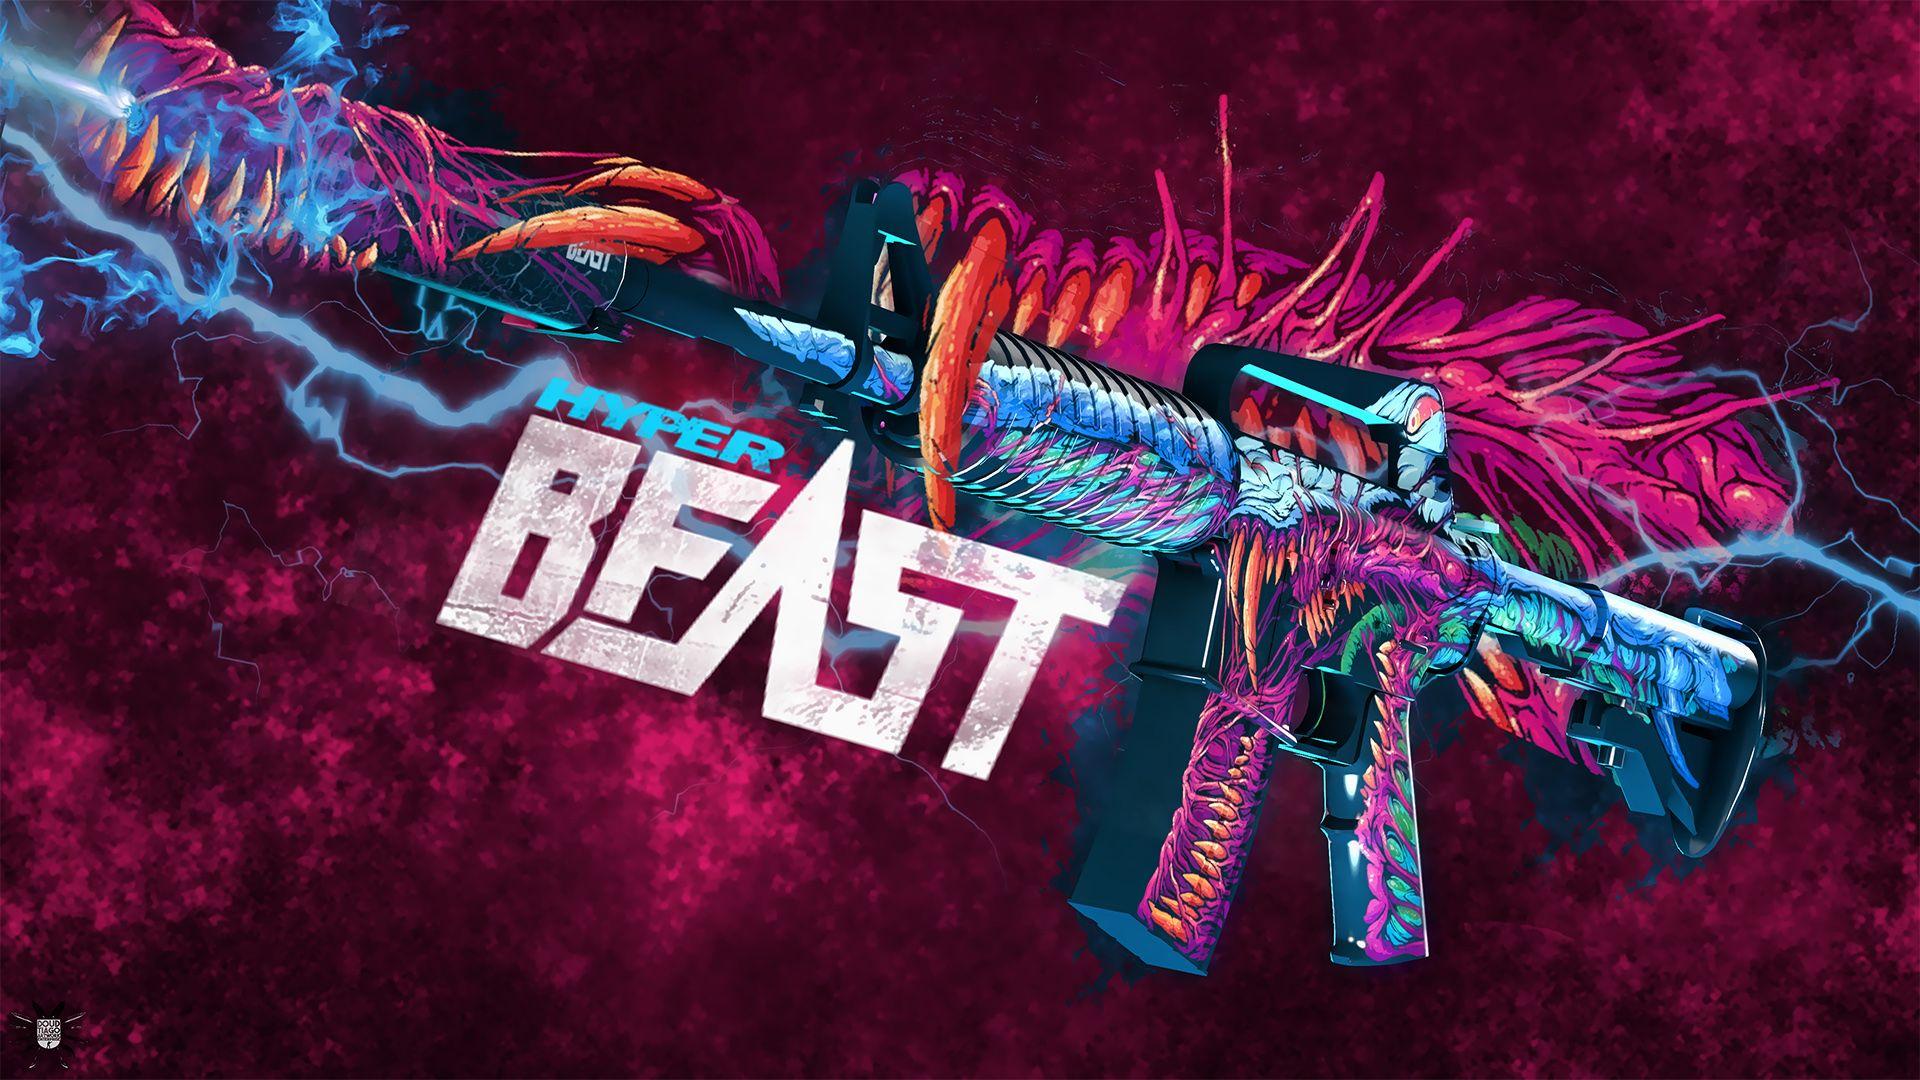 Wallpapers hyper beast 3d art graphics beast monster csgo 1920x1080